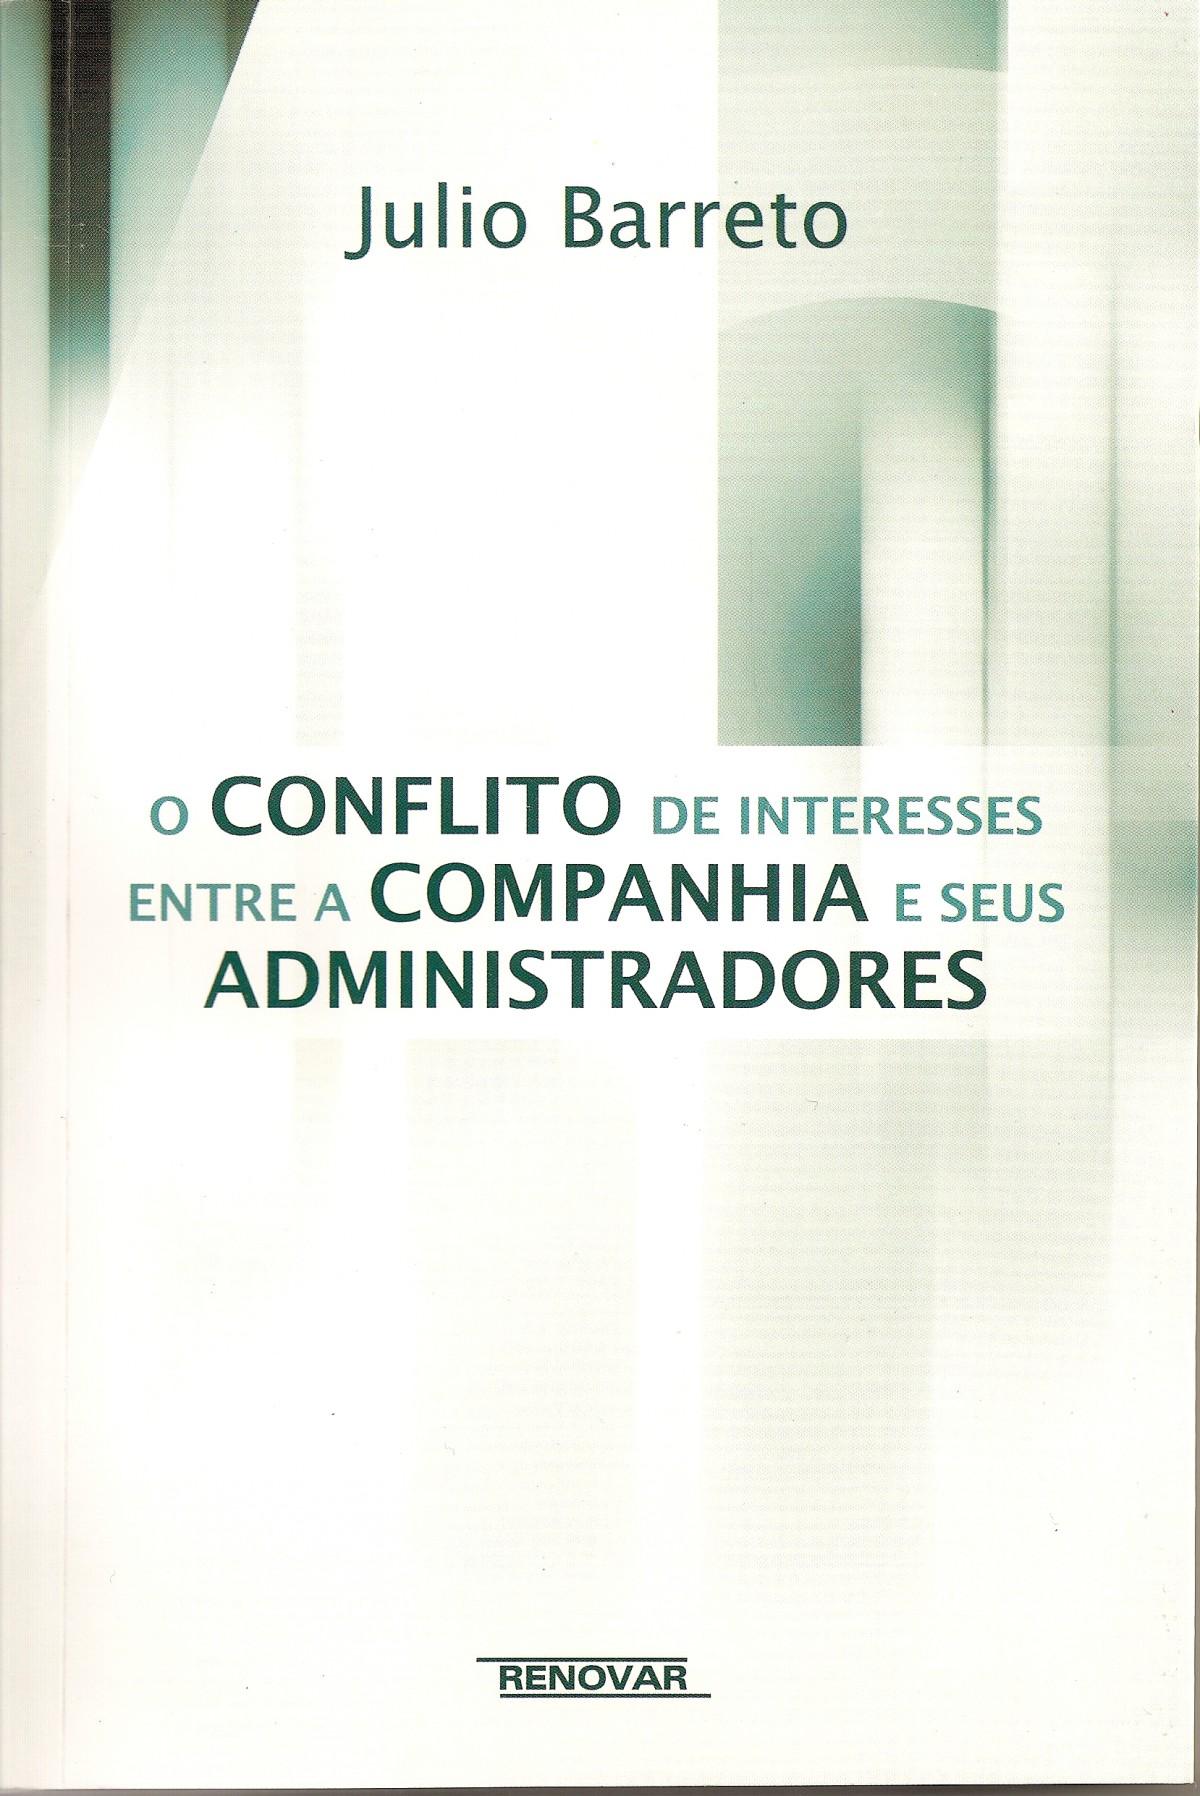 Foto 1 - O Conflito de Interesses entre a Companhia e seus Administradores